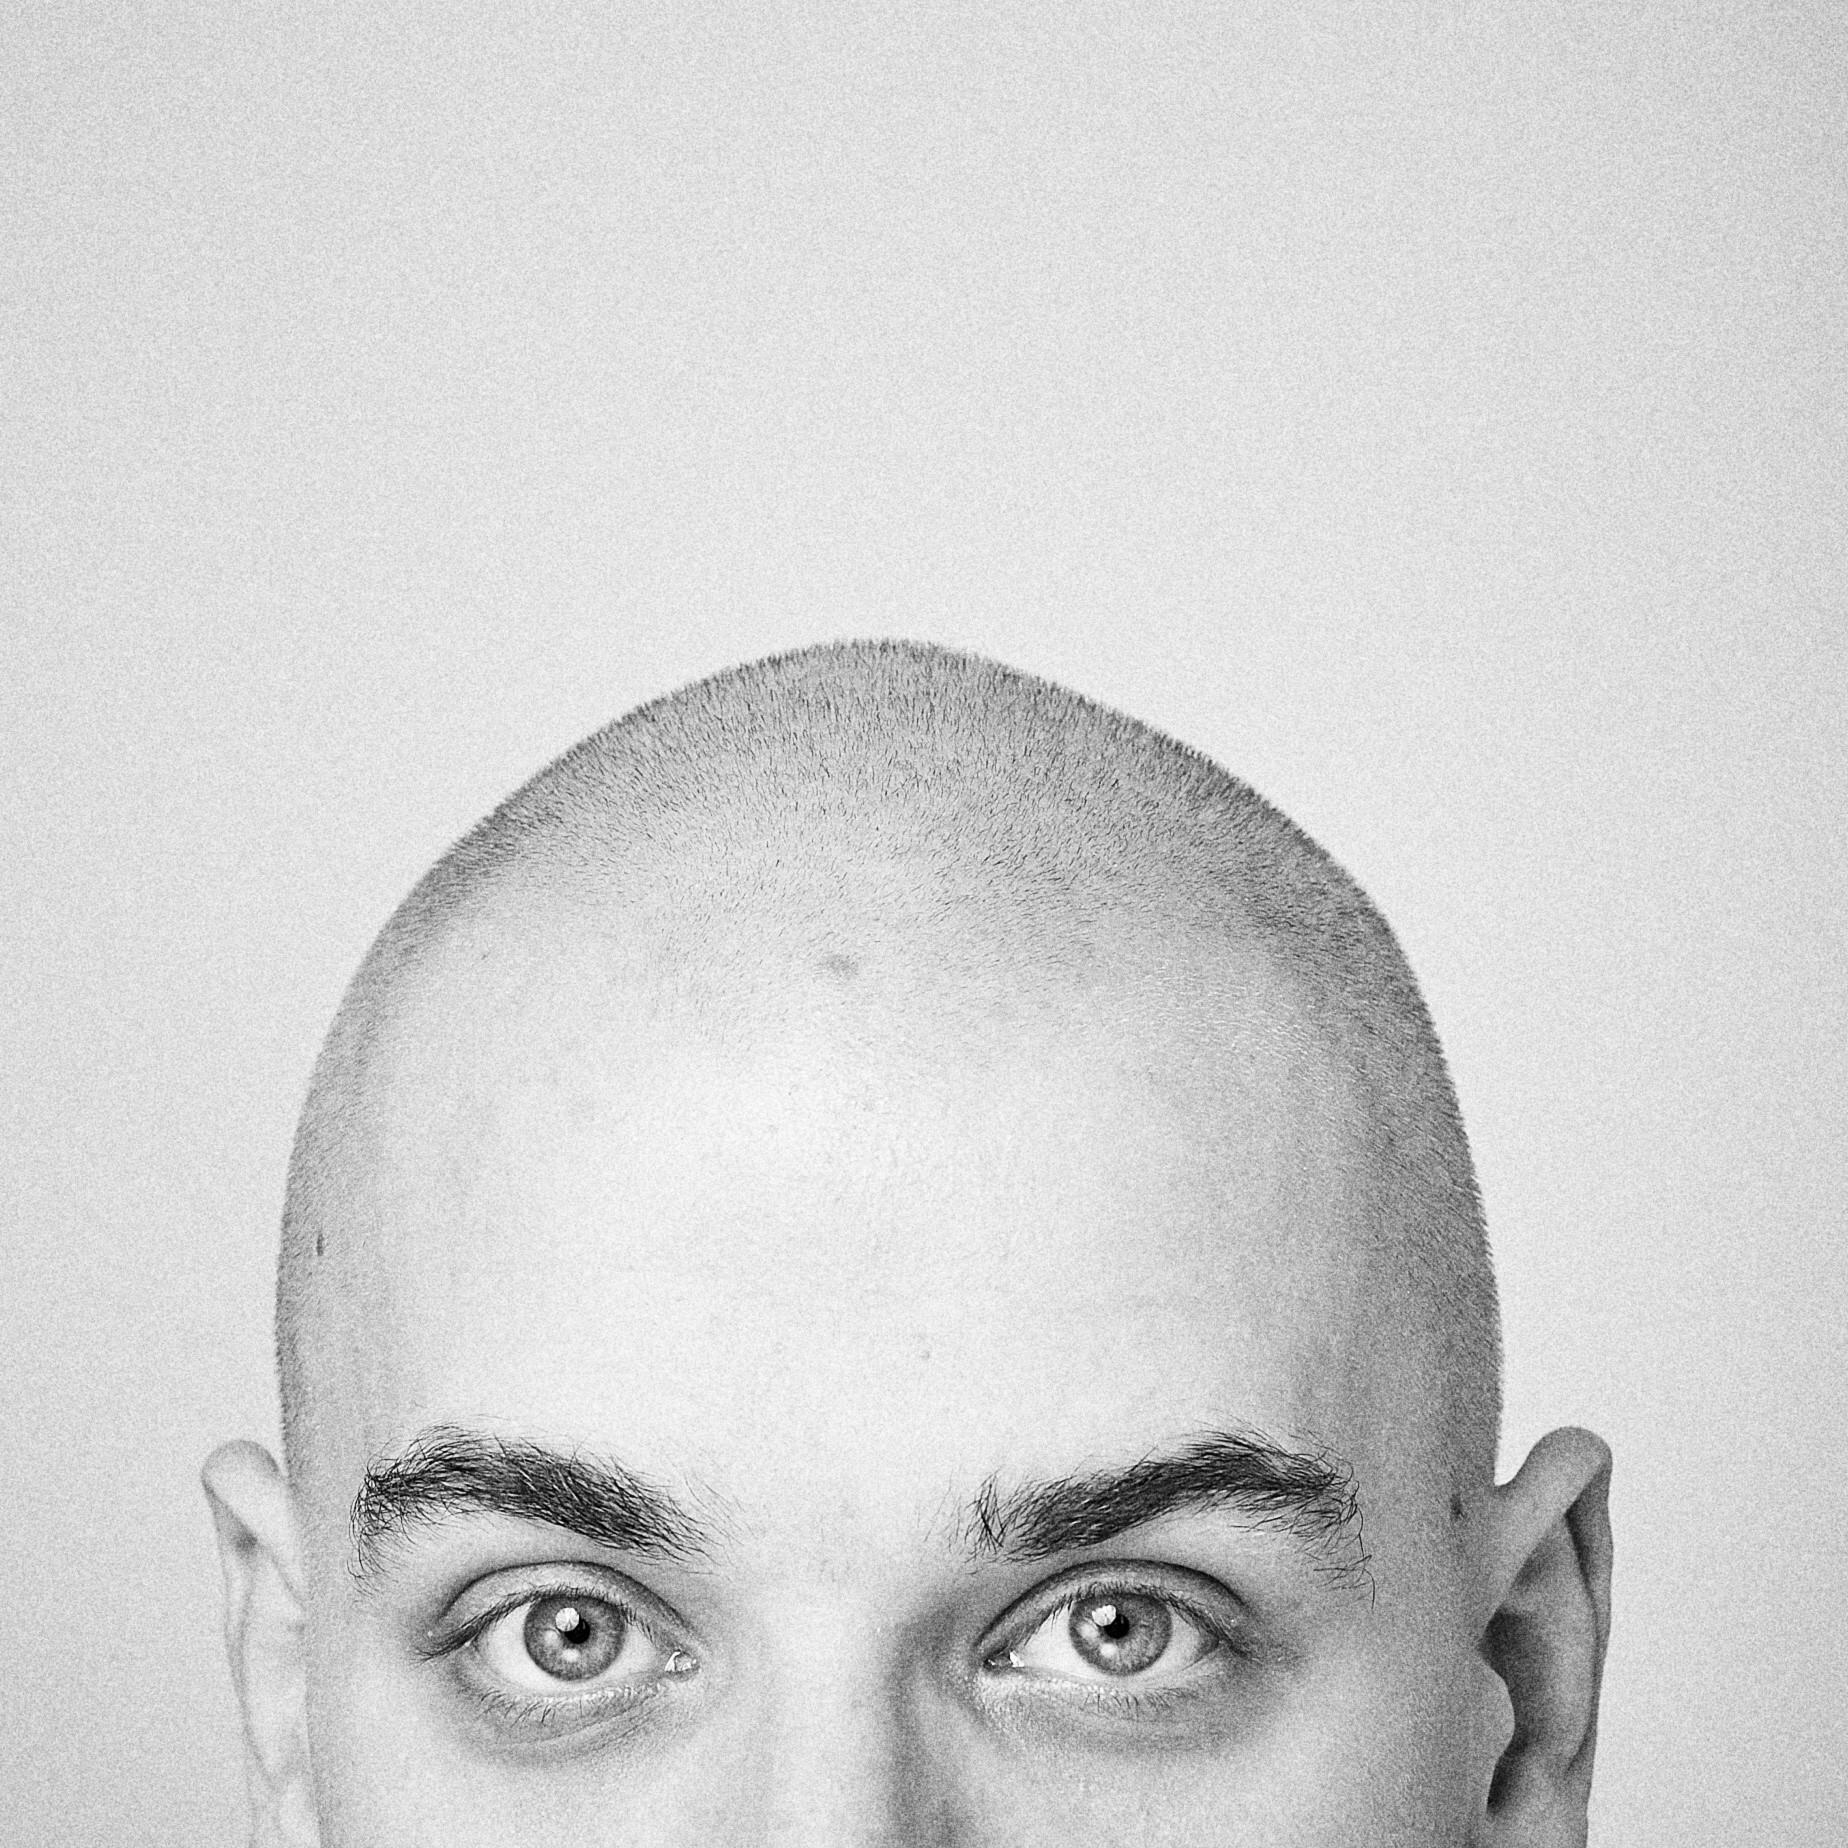 A perda de cabelo atinge um quarto dos brasileiros entre 20 e 25 anos (Foto: Getty Images / Aleksej Teles for EyeEm)